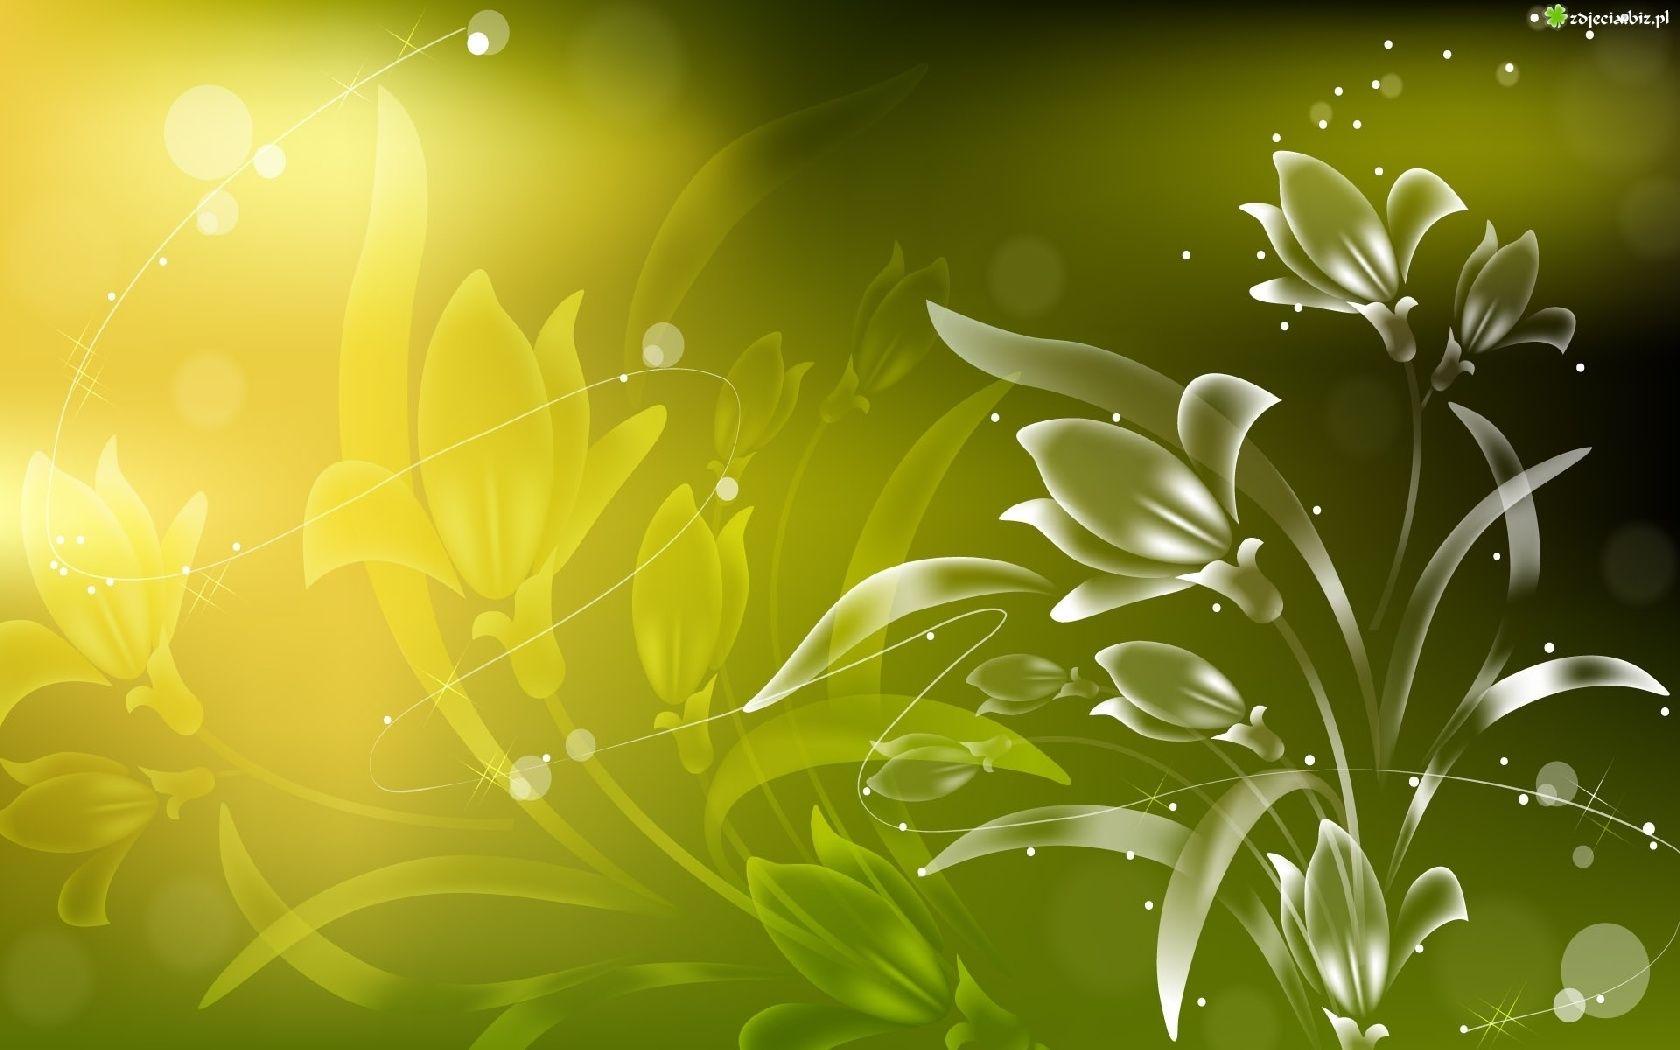 pokaz_obrazek.php (1680×1050) | pc wallpaper | pinterest | green